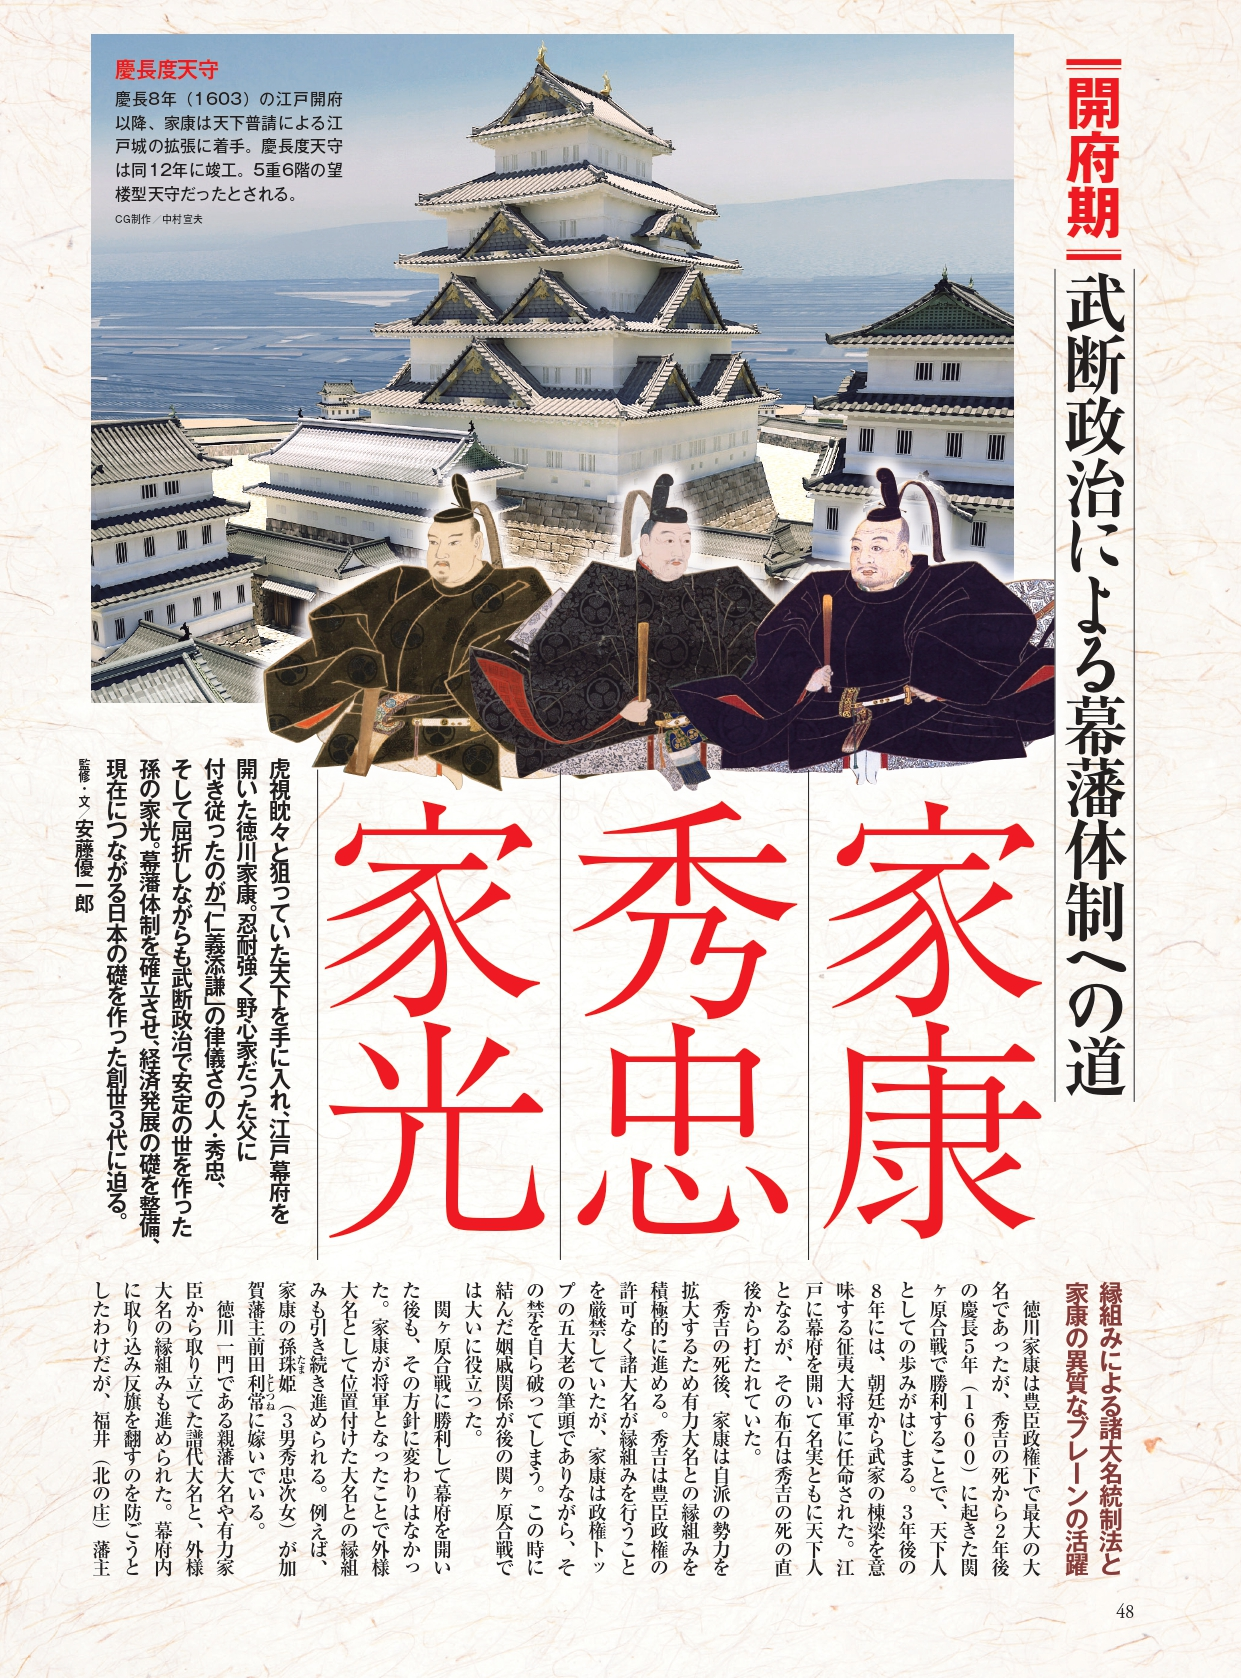 [保存版特集]天下泰平260年の幕藩体制を支えた『徳川将軍15代の真実』の目次画像4